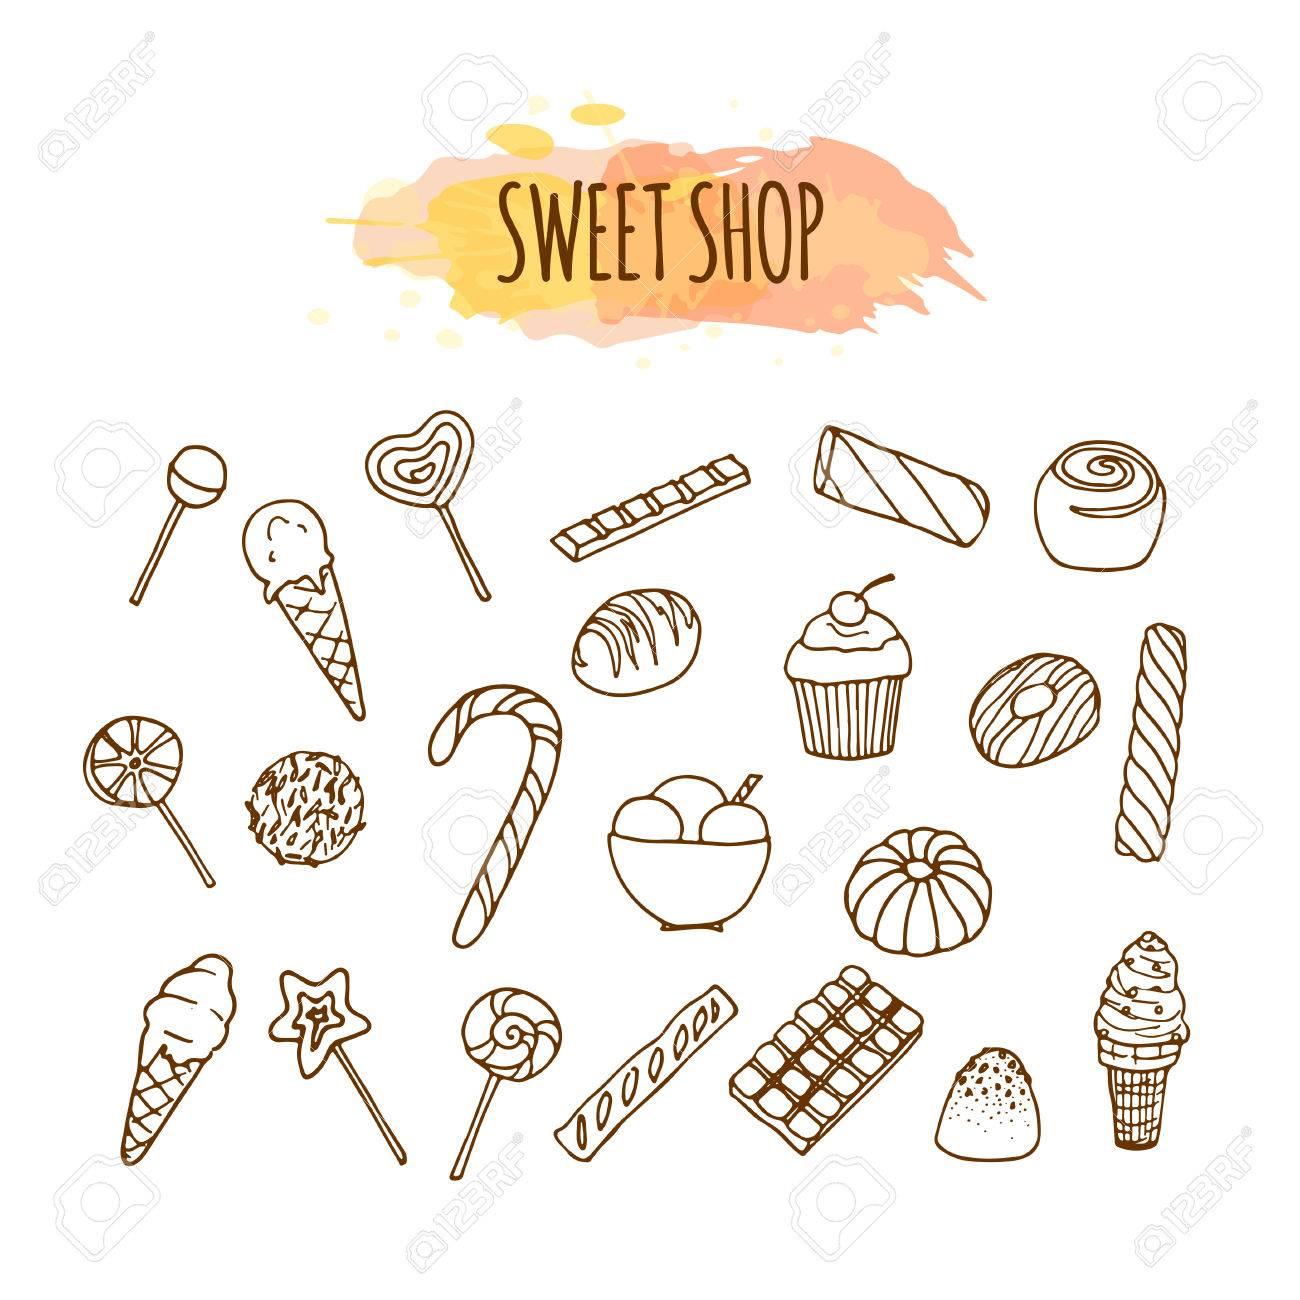 キャンディ ショップの要素お菓子やキャンディーをスケッチしますお